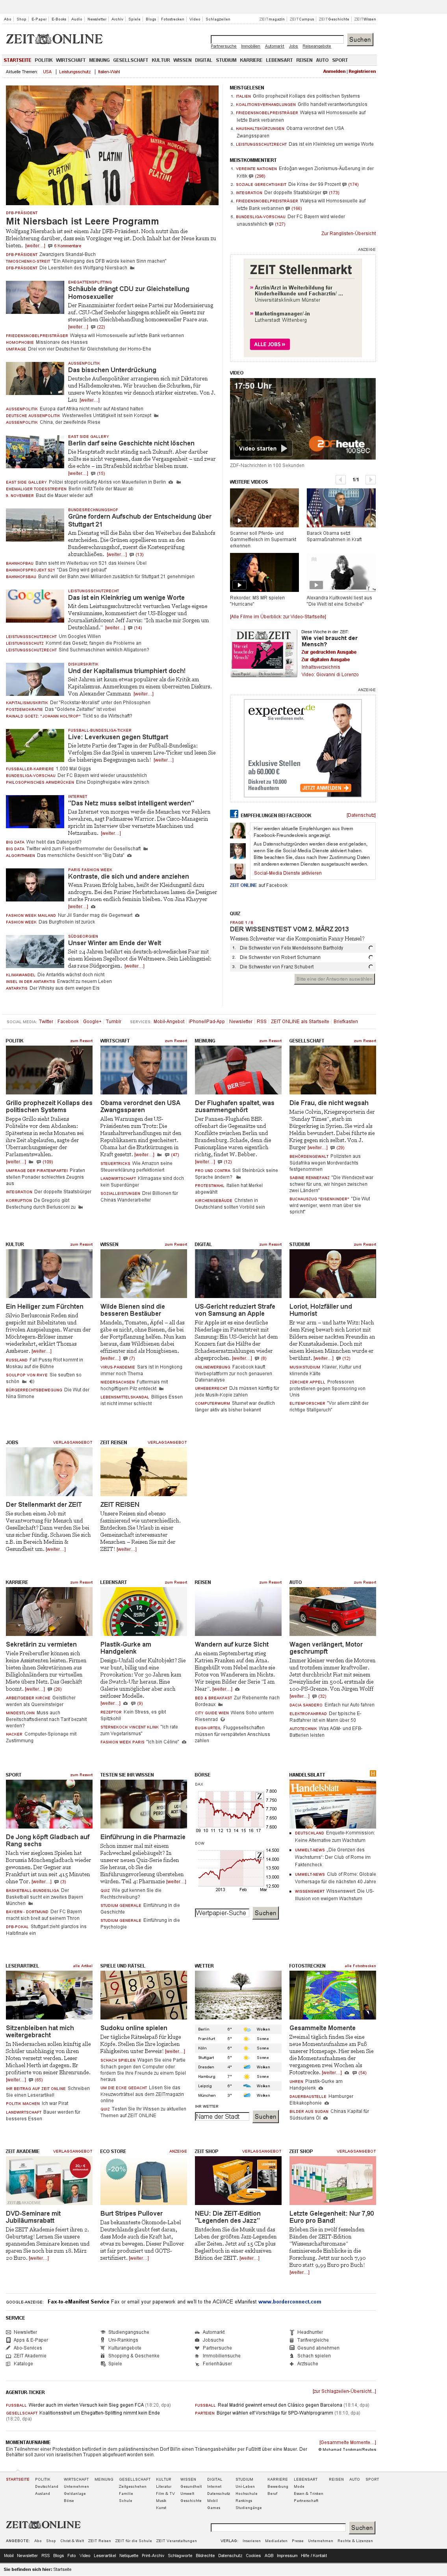 Zeit Online at Saturday March 2, 2013, 5:24 p.m. UTC